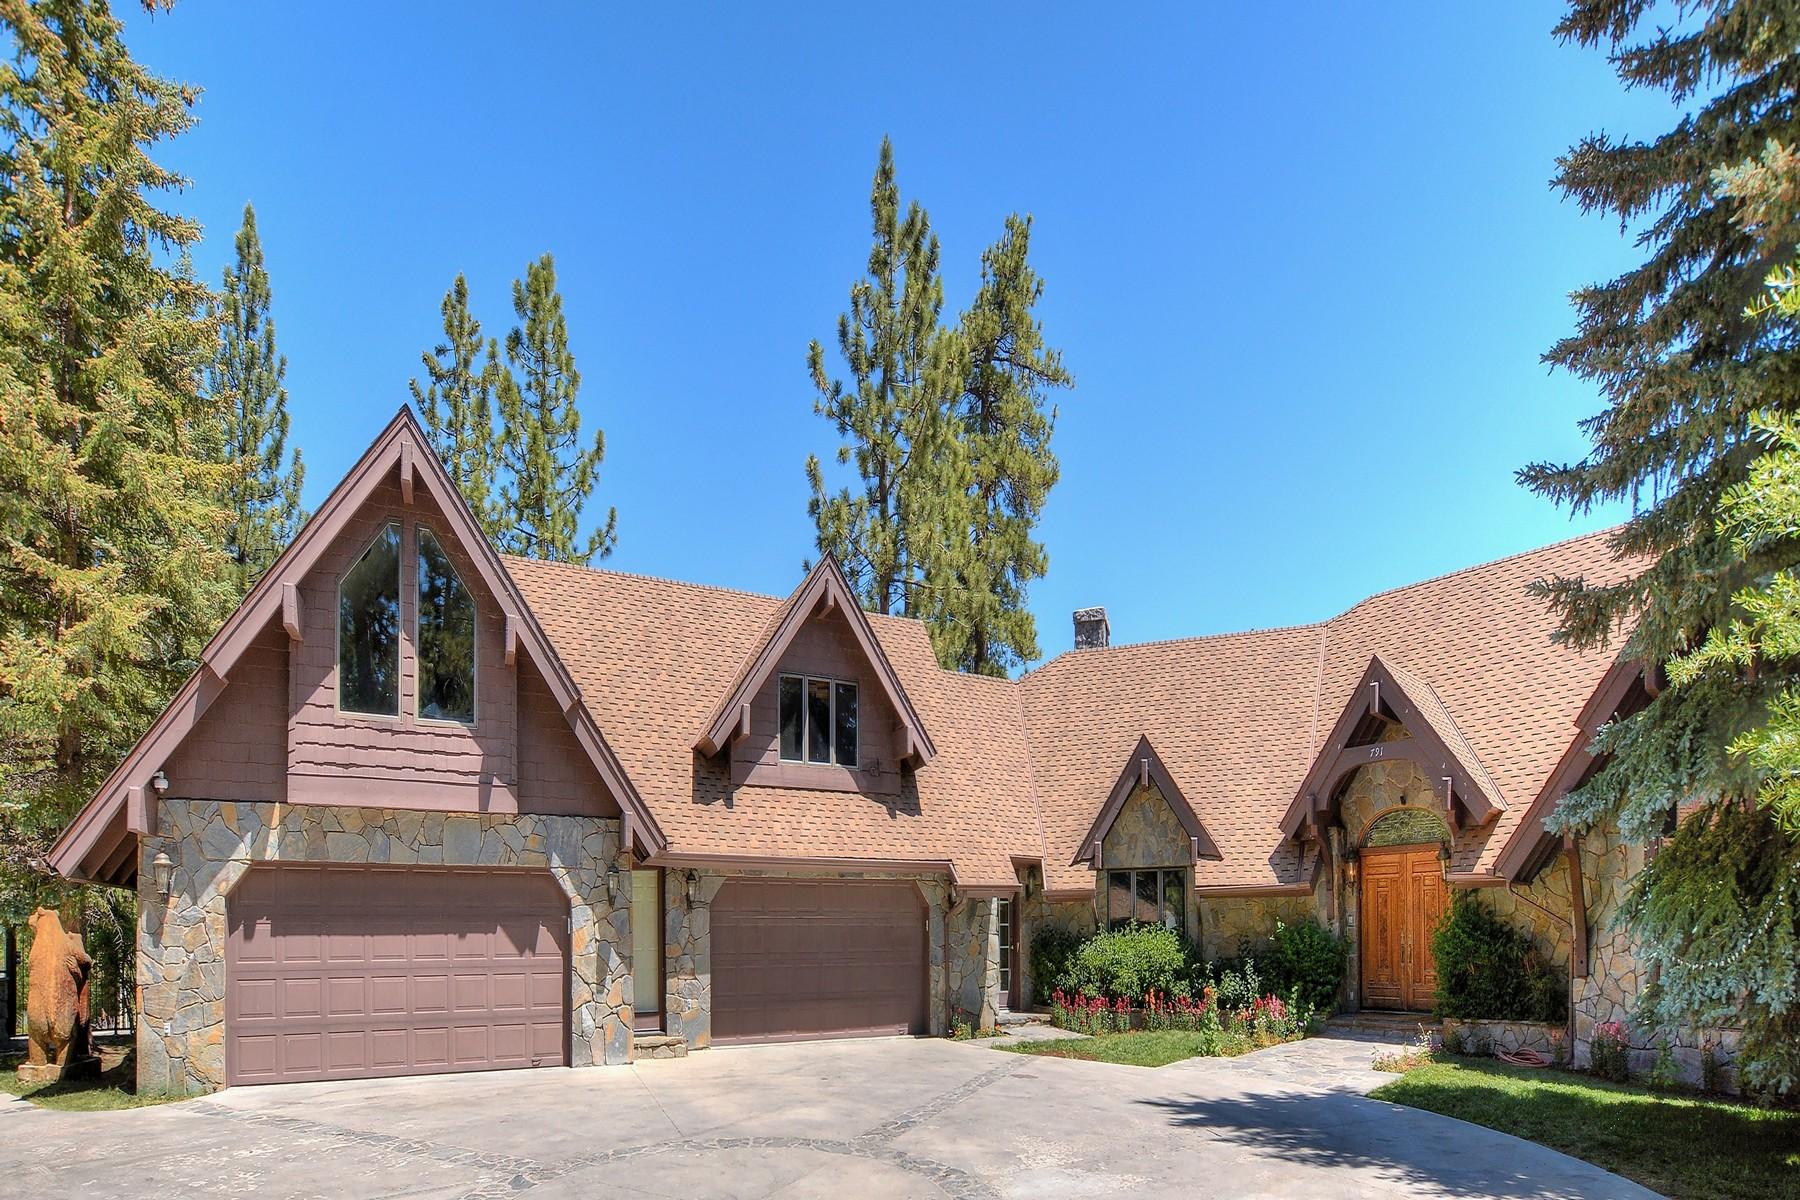 独户住宅 为 销售 在 791 Cove Drive, Big Bear Lake, California, 92315 大熊湖, 加利福尼亚州 92315 美国